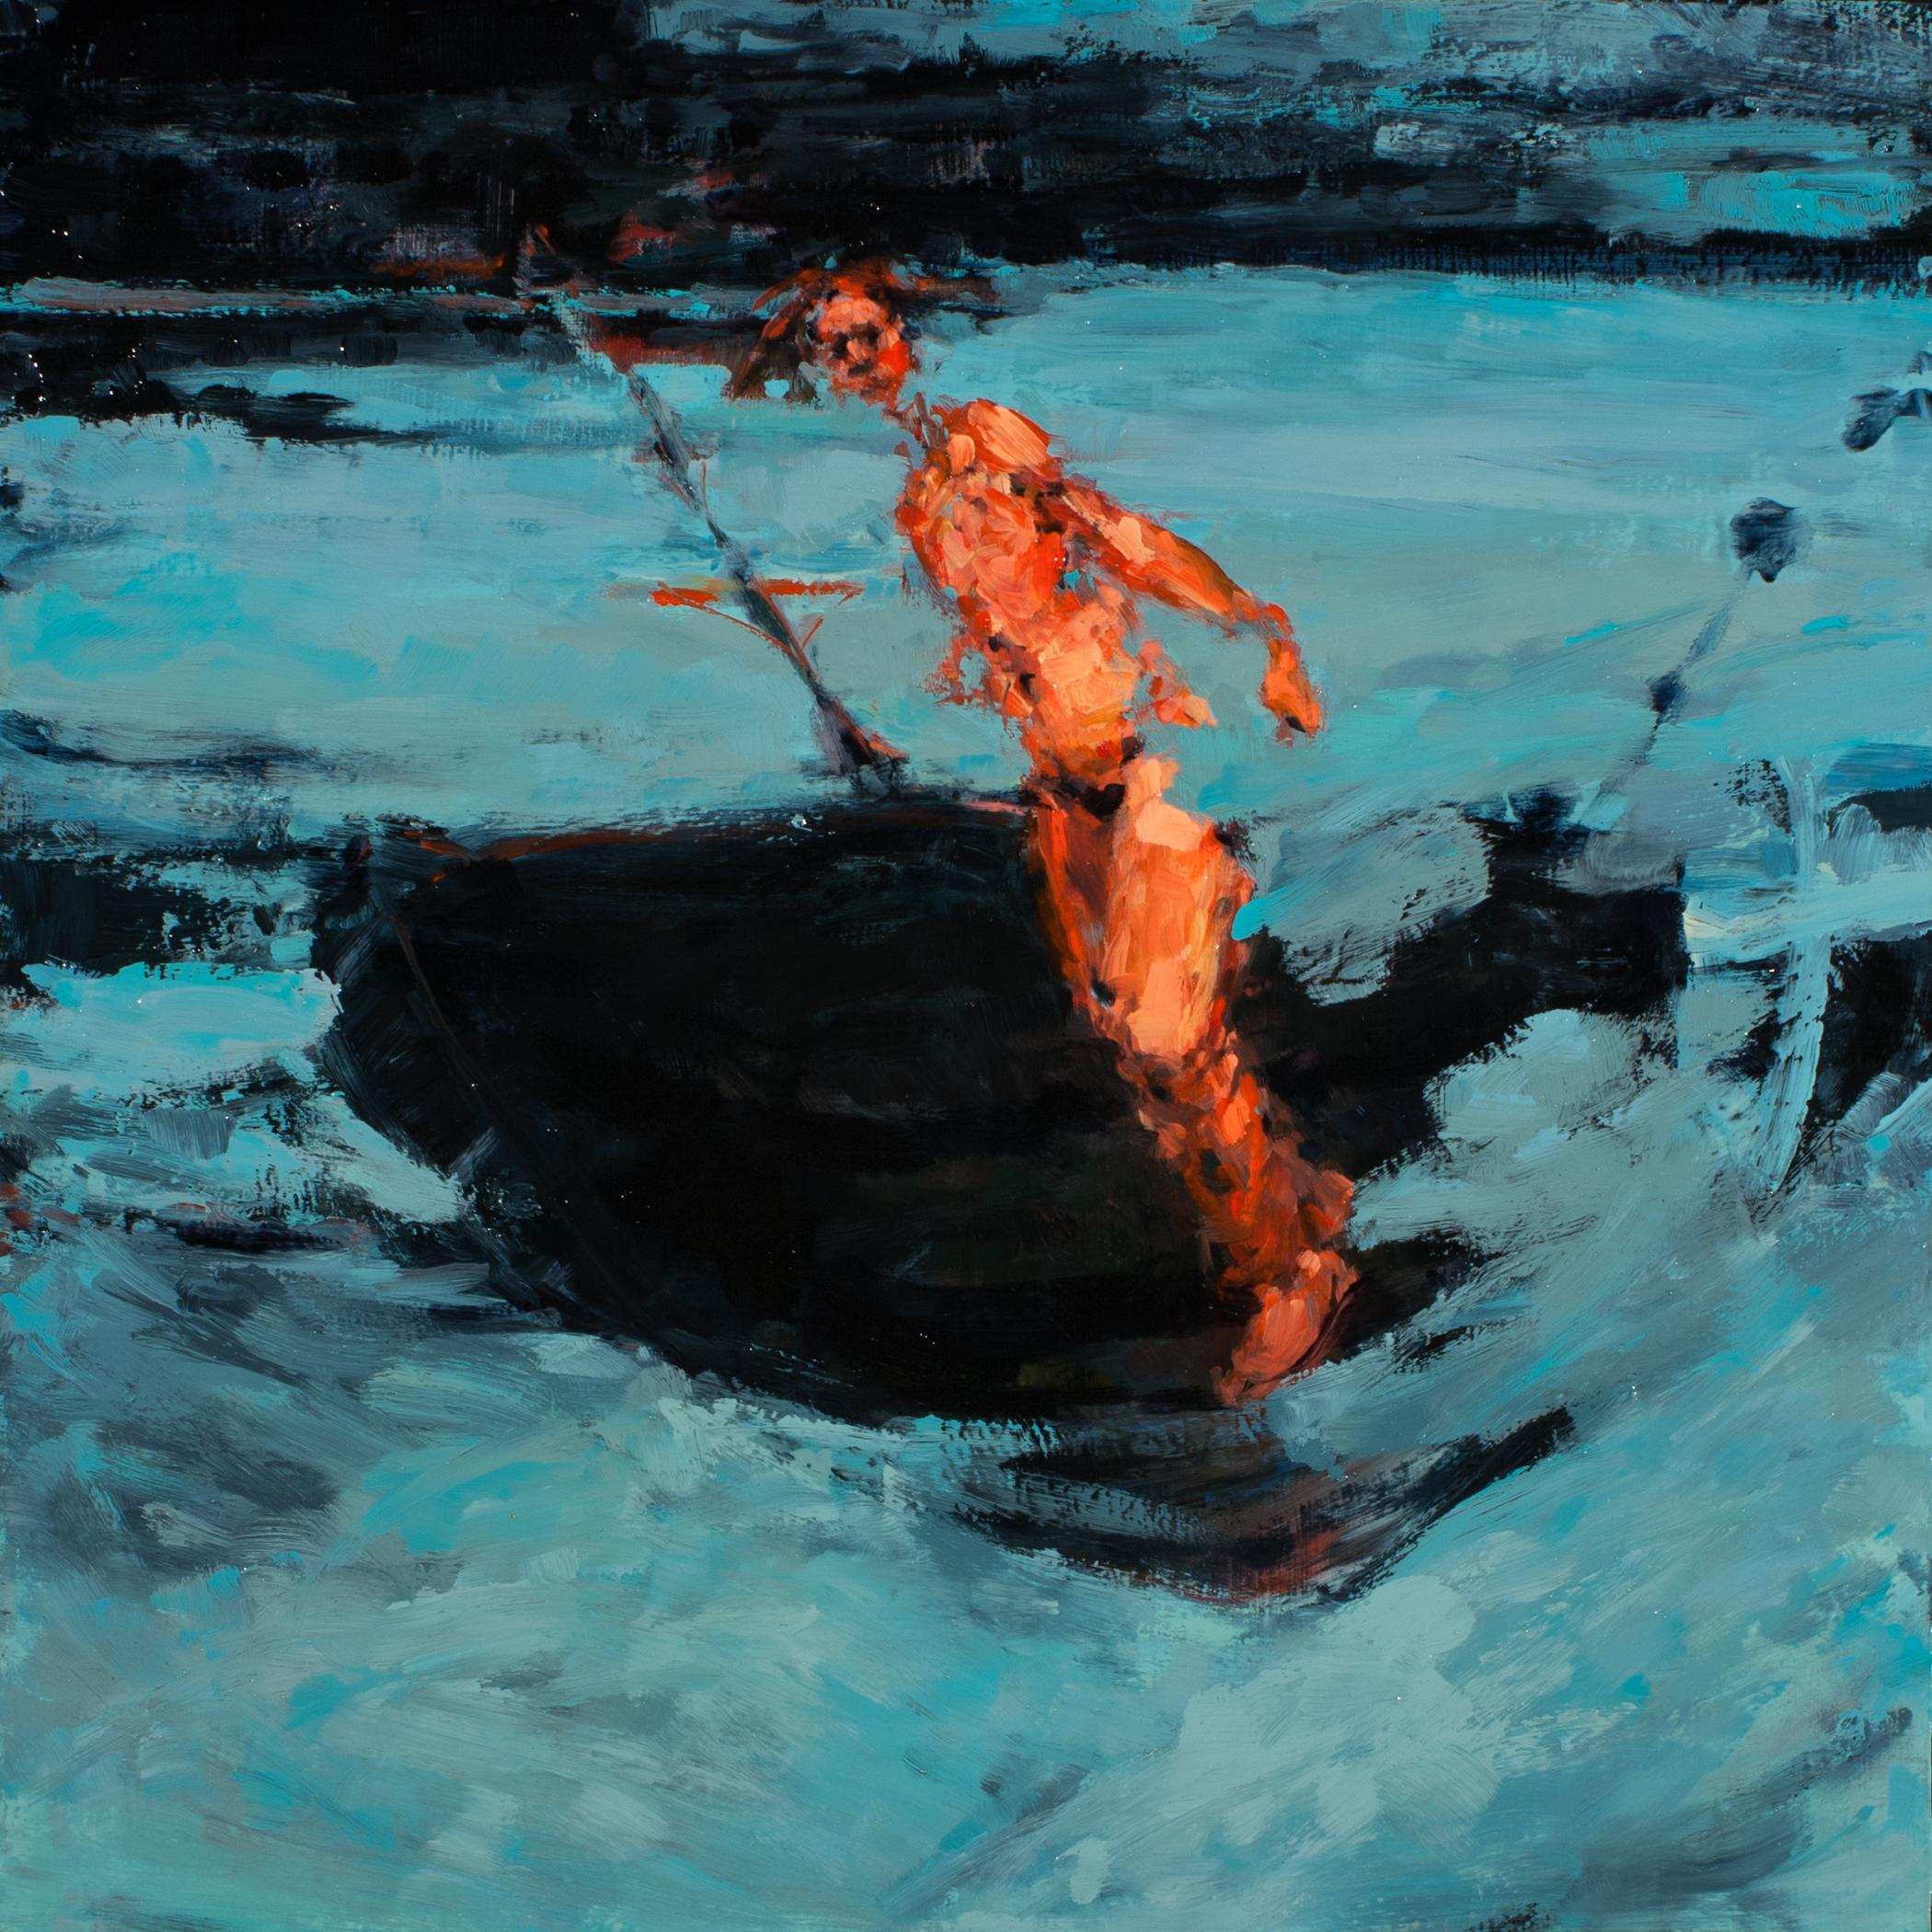 """Mast, oil on board, 16"""" x 16"""" x 2"""", 2013"""